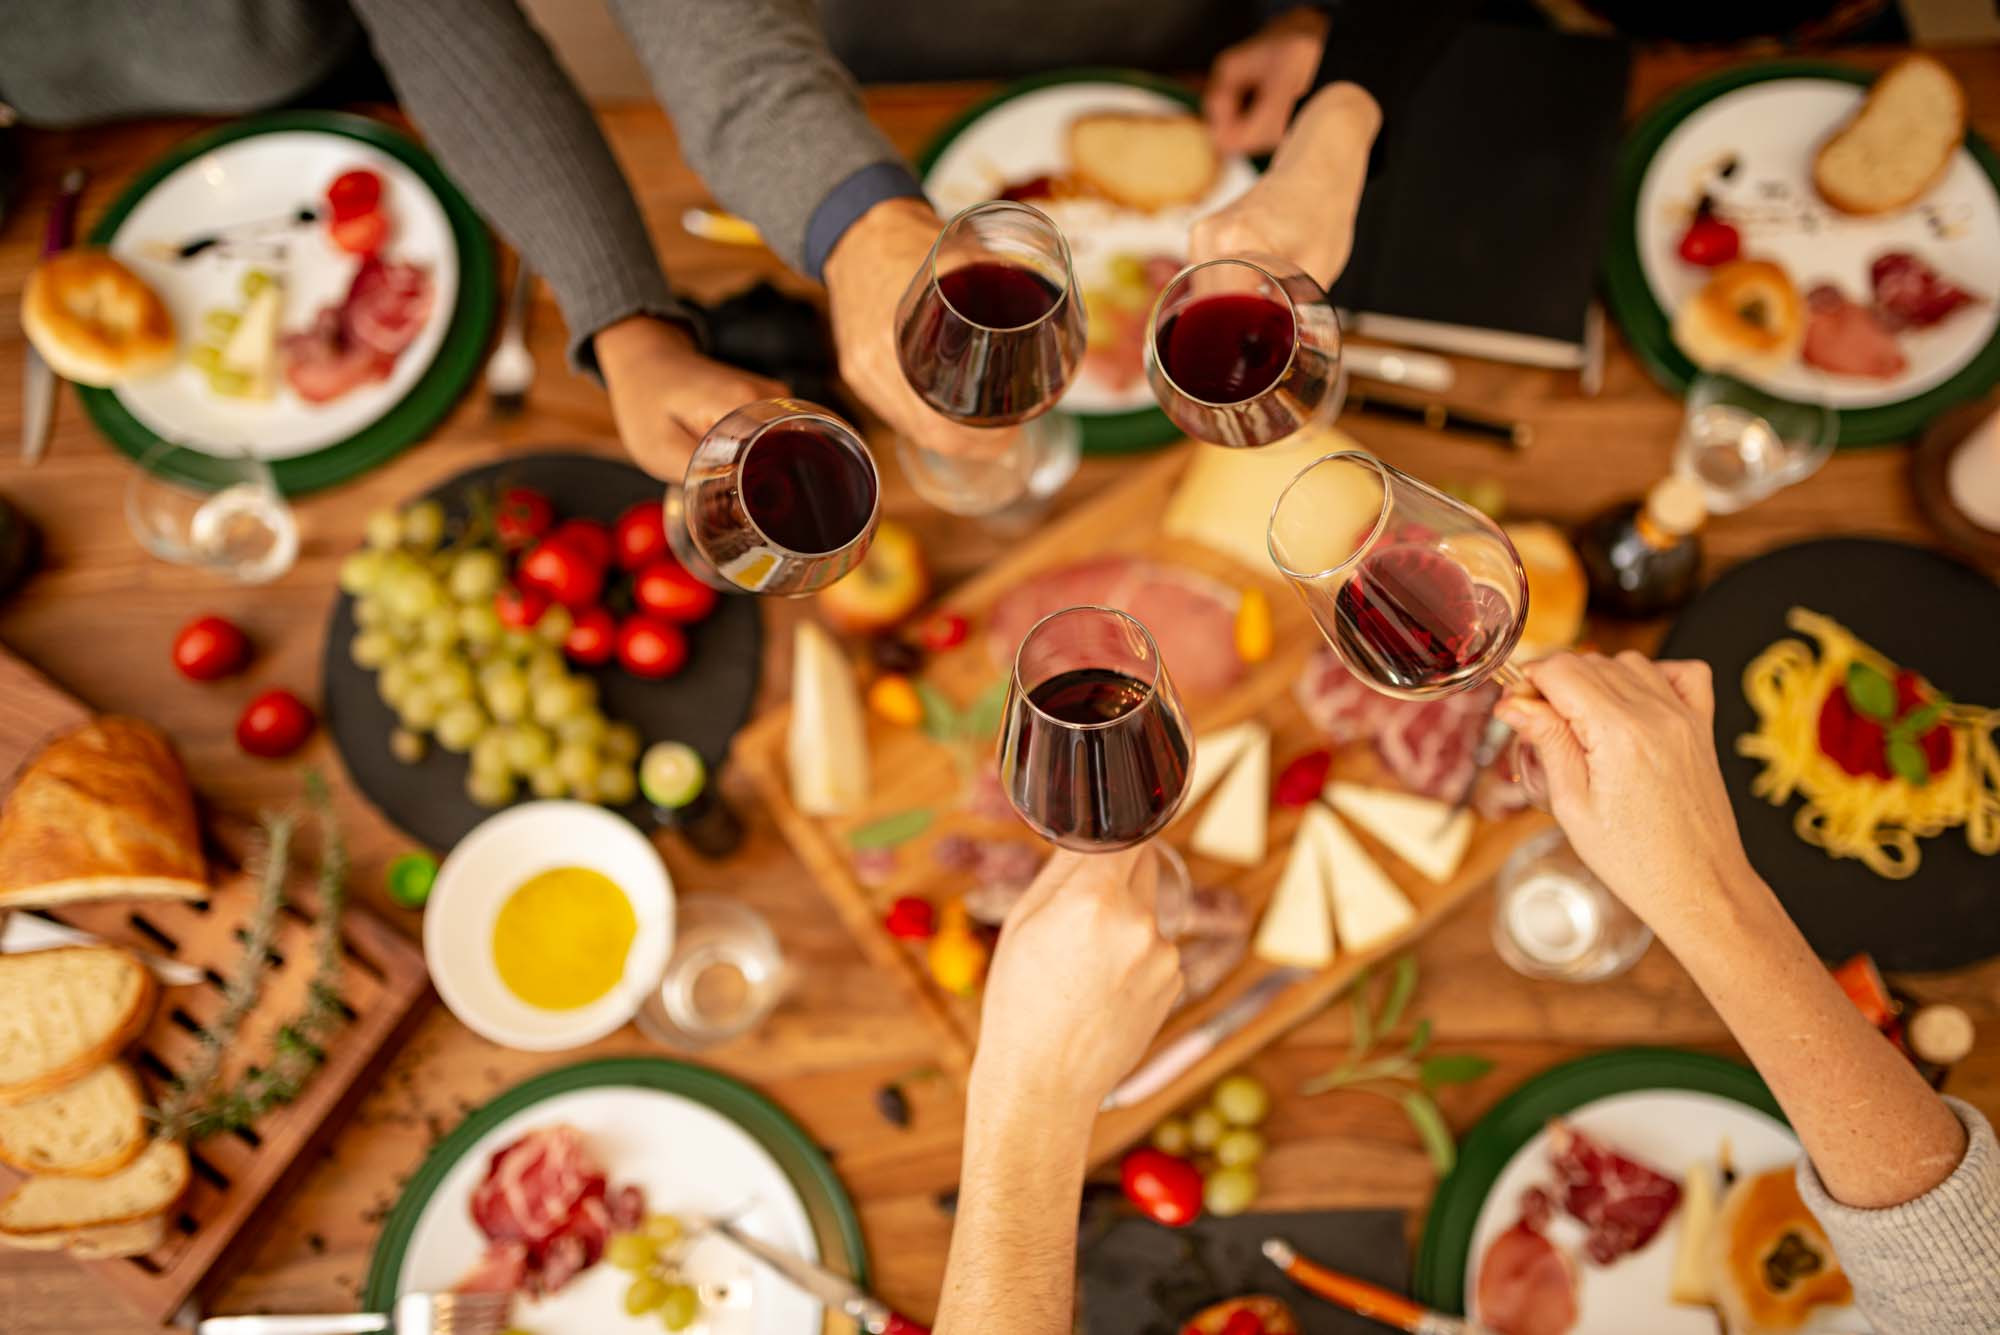 Degustazioni Vino Cene Aziendali a Venezia